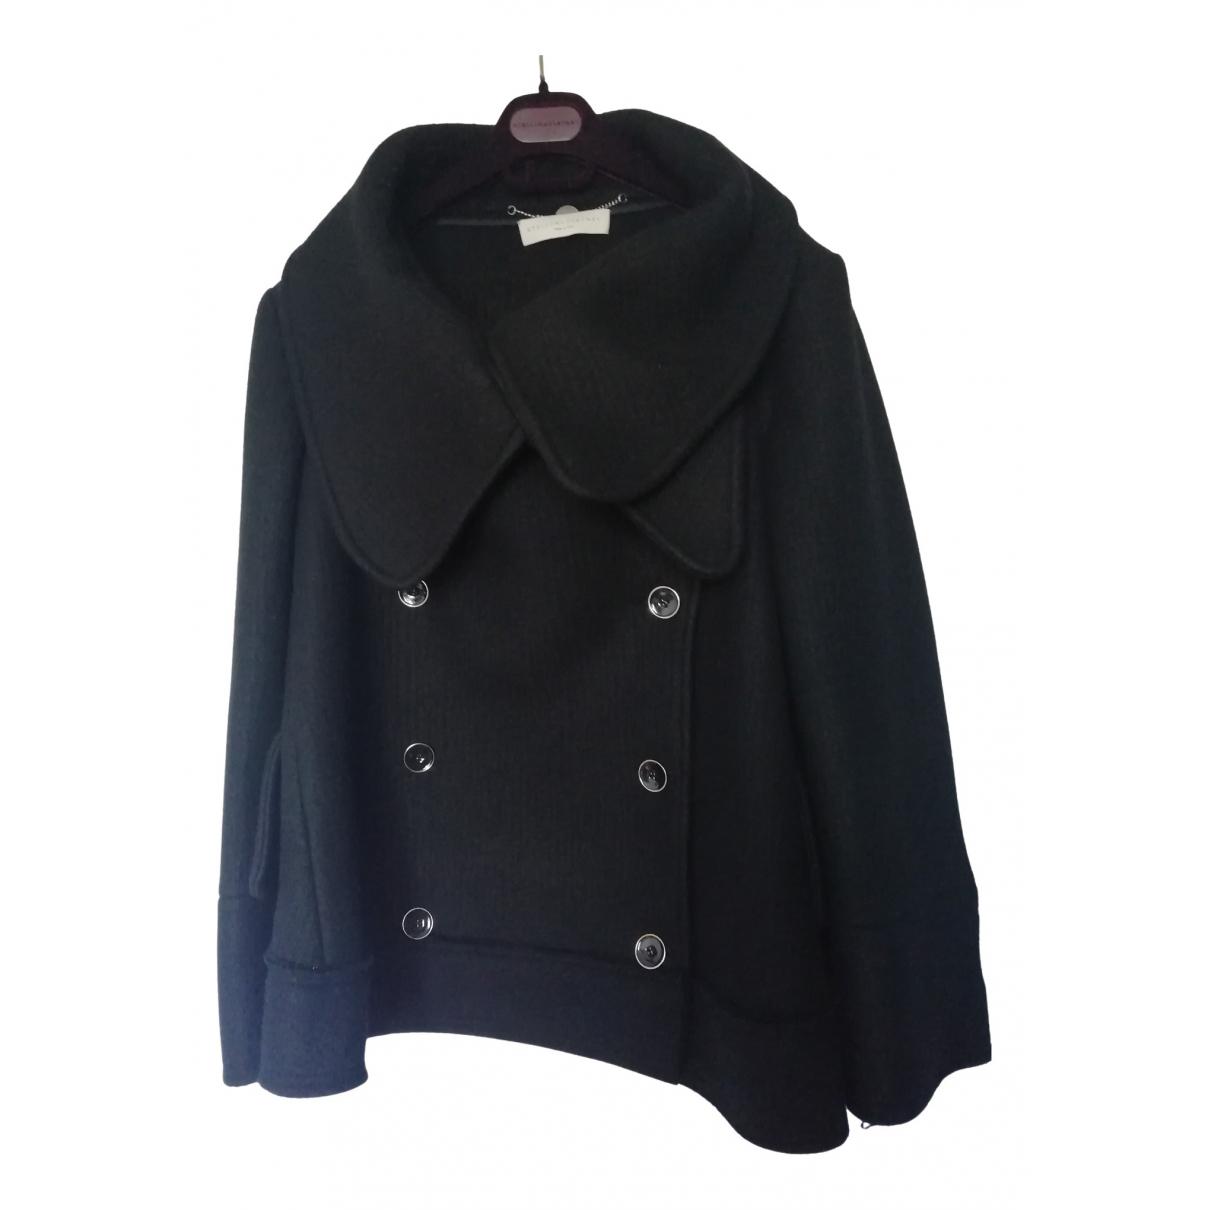 Stella Mccartney \N Black Wool jacket for Women 40 IT